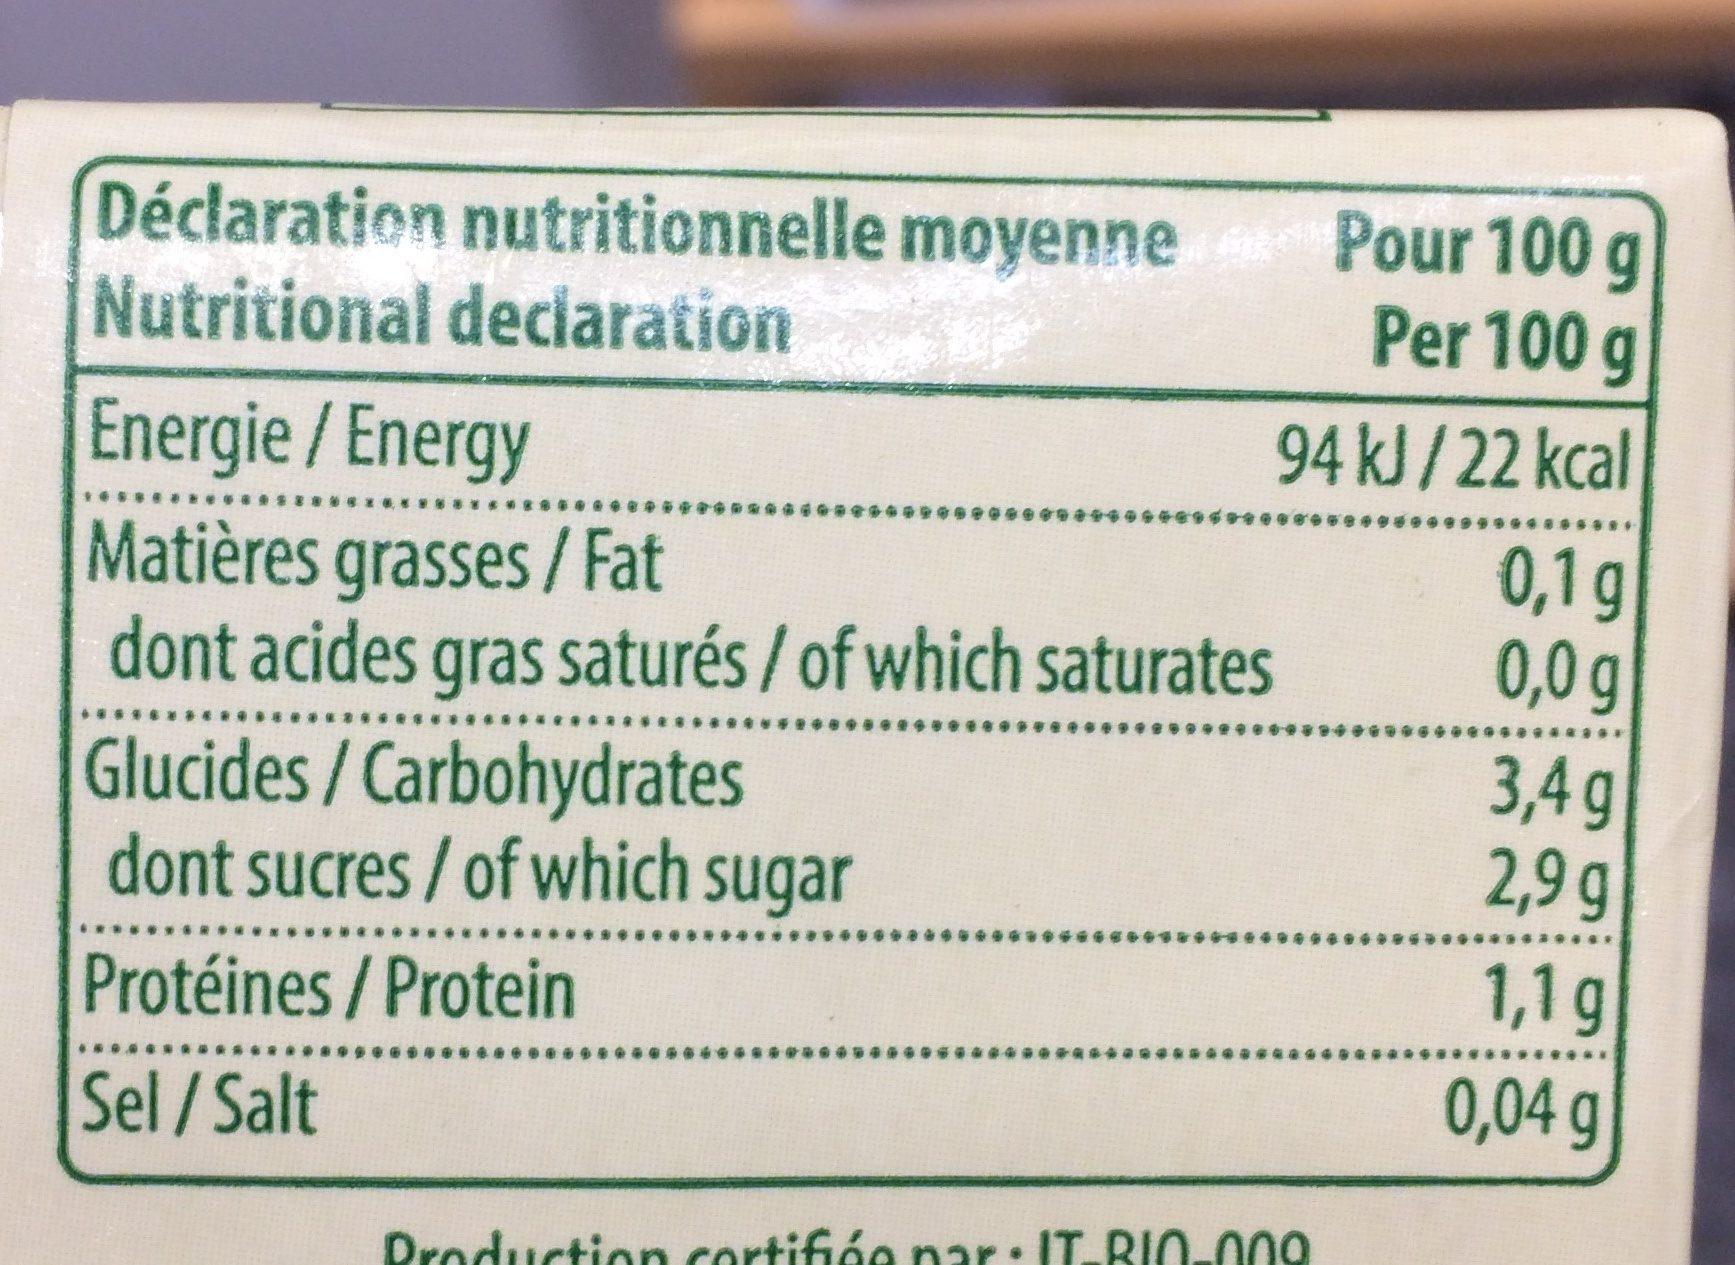 Passata nature - Informations nutritionnelles - fr